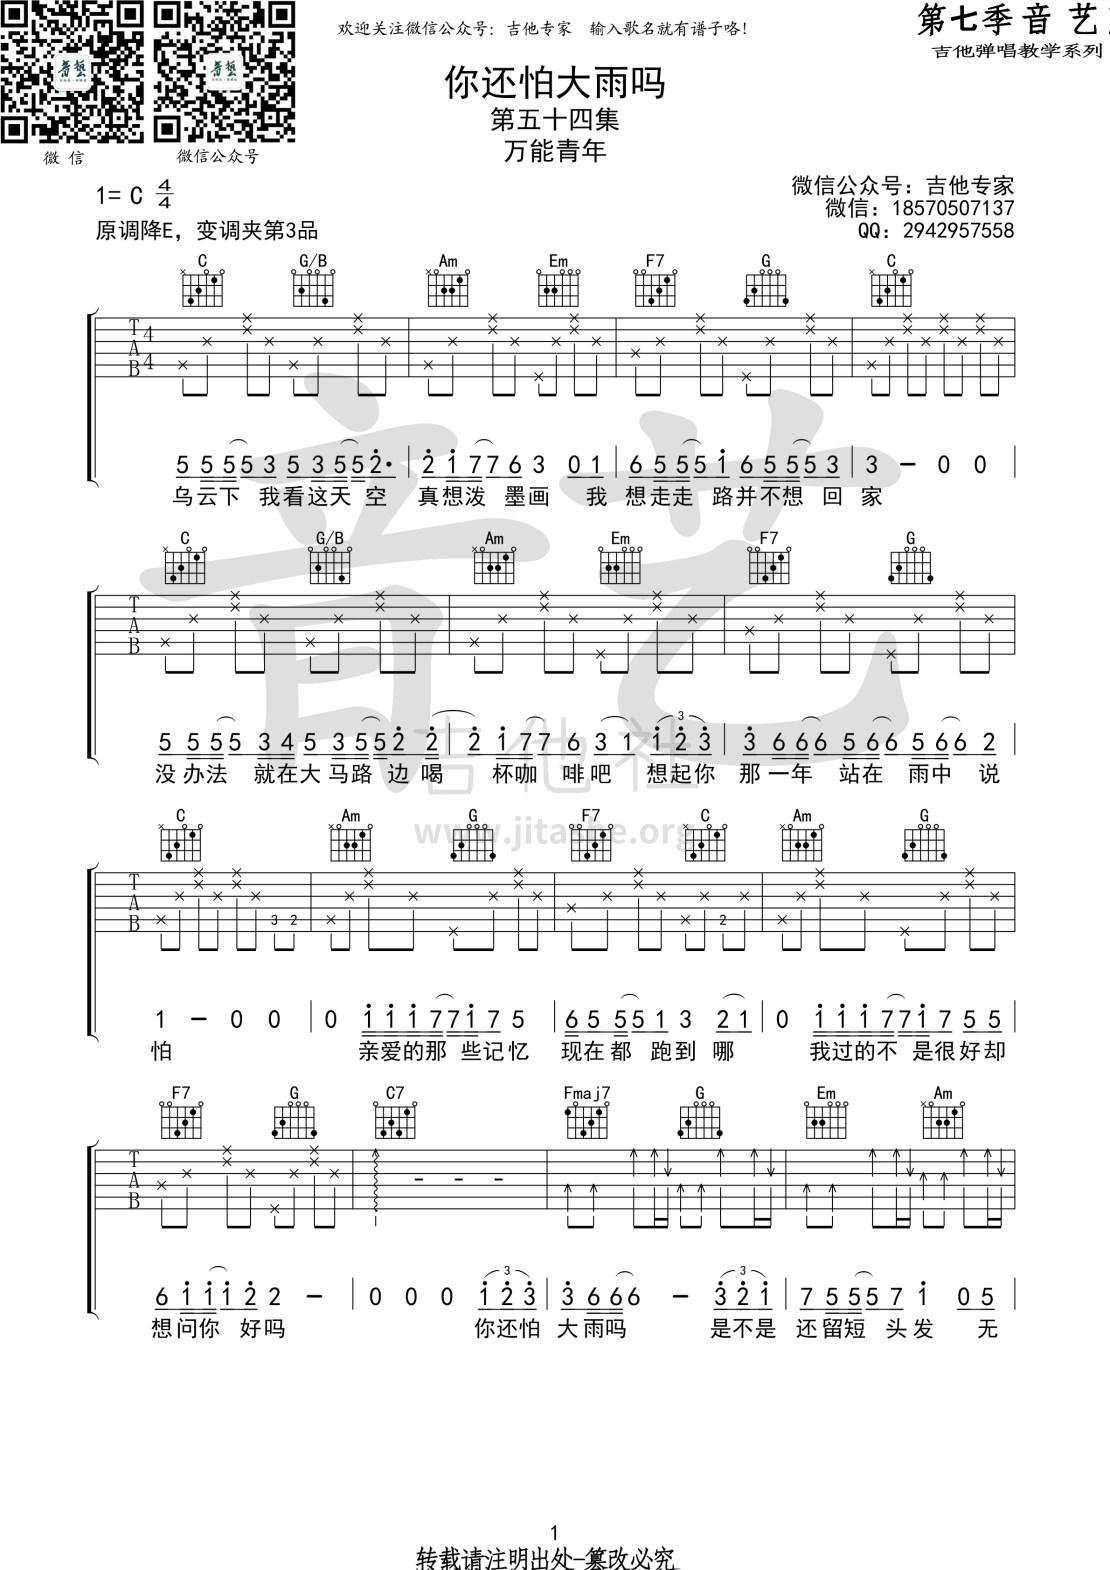 你还怕大雨吗(音艺吉他弹唱教学:第七季第54集)吉他谱(图片谱,弹唱,伴奏,教程)_周柏豪_你还怕大雨吗1 第七季第五十四集.jpg